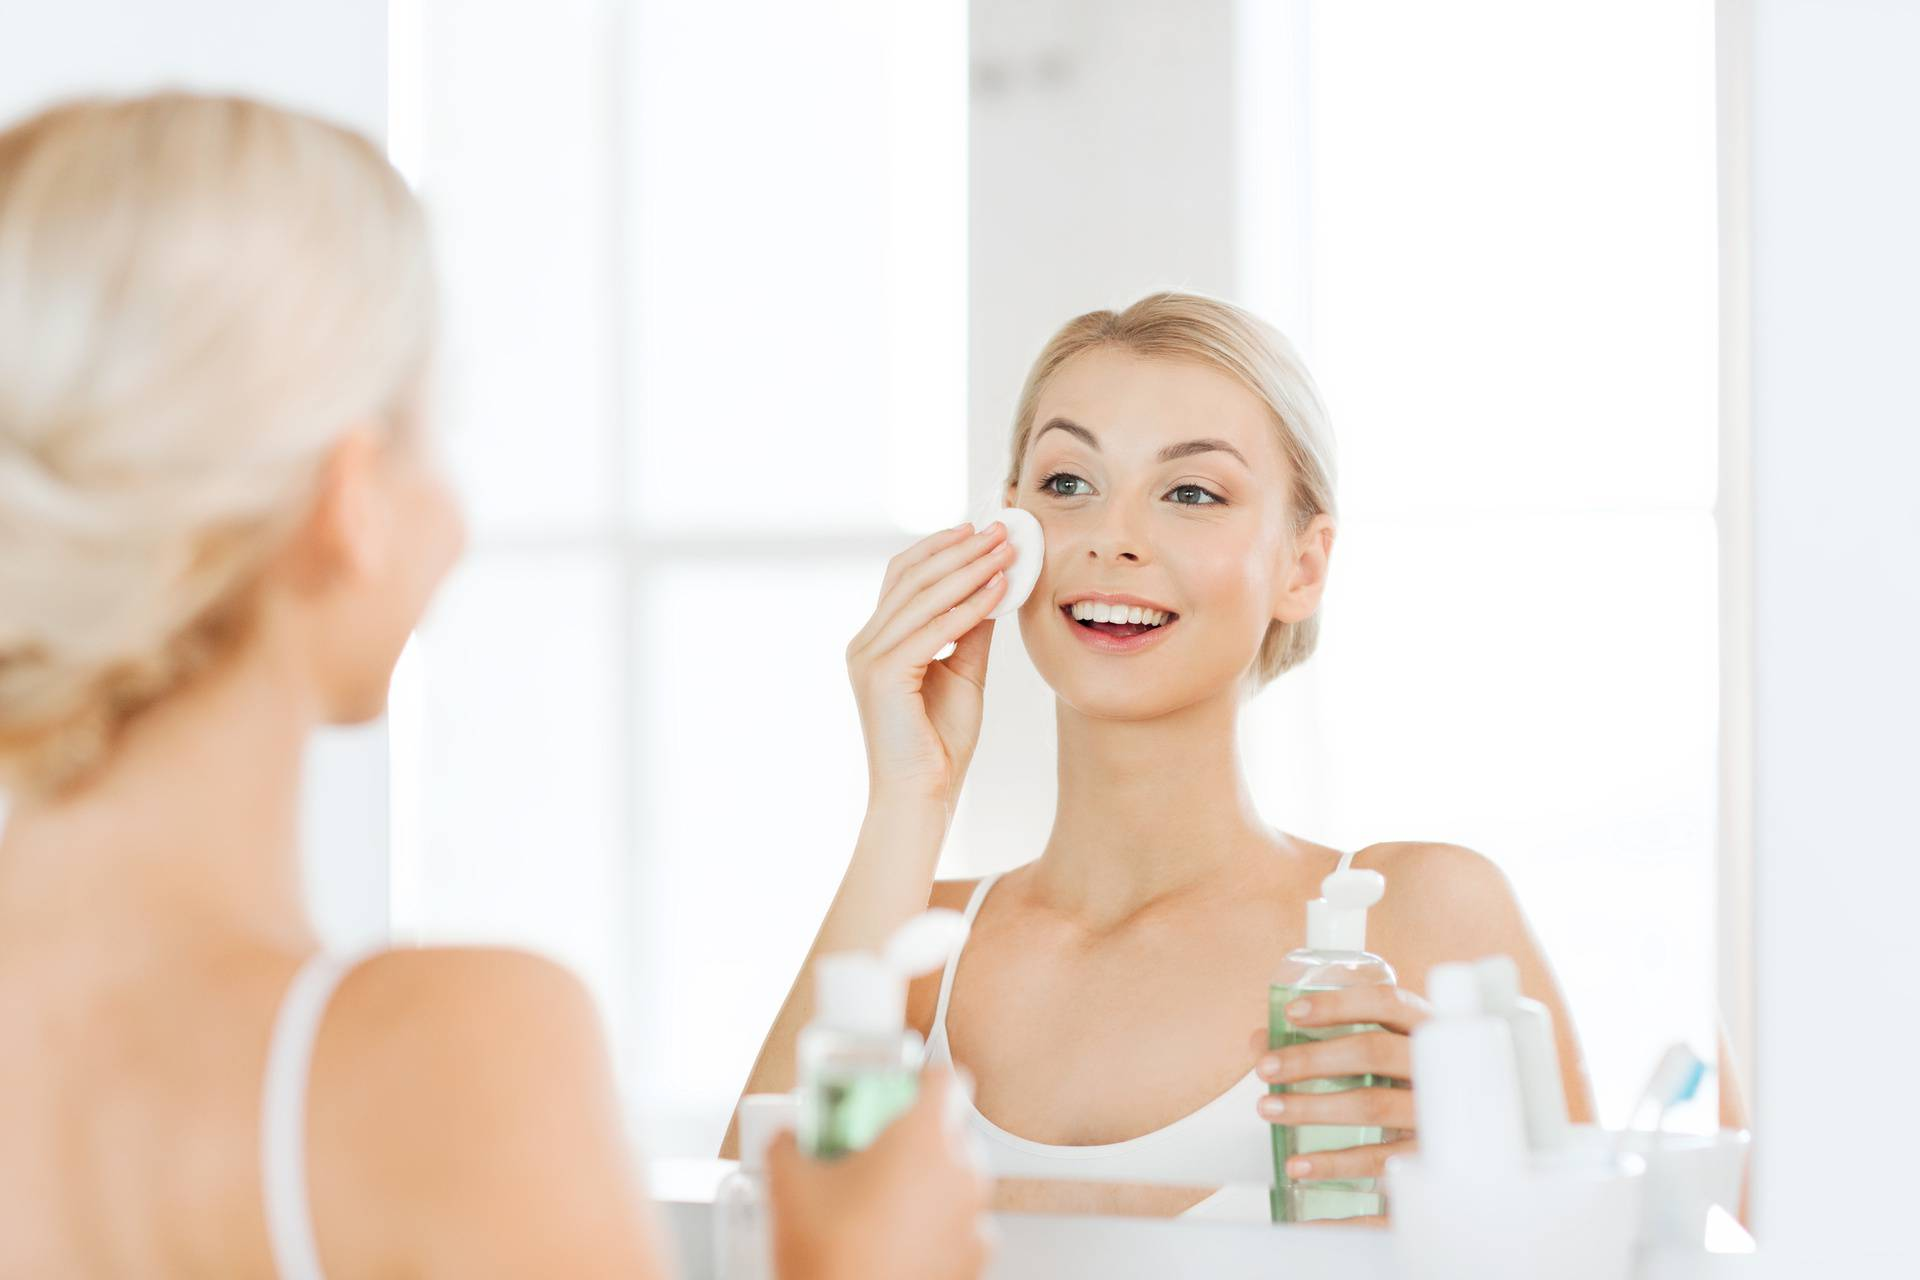 Toner za lice: Super formula koja osvježava i daje hidrataciju